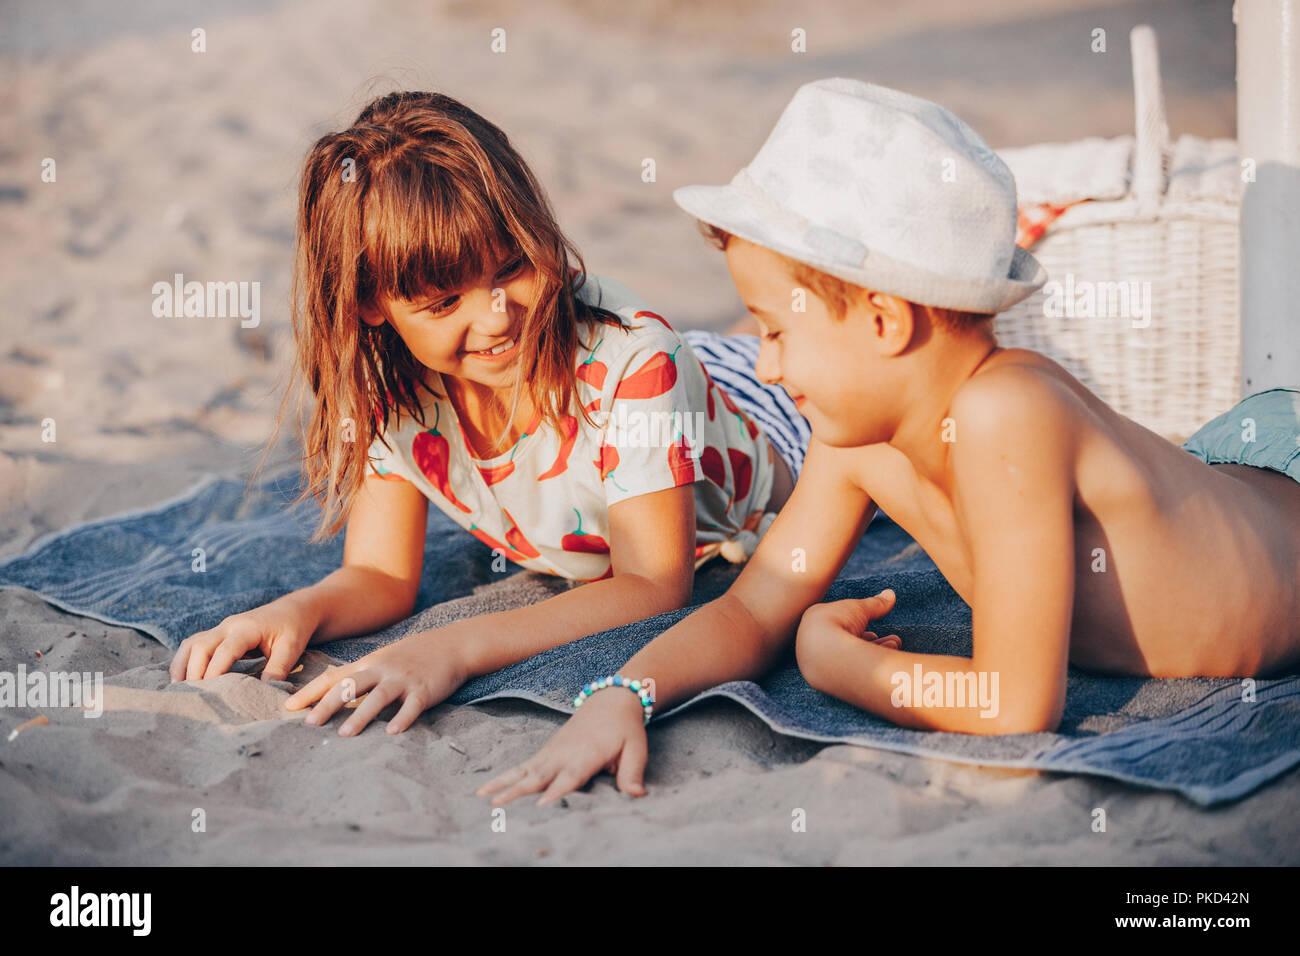 Heureux les enfants positifs jouant en position allongée sur une serviette sur la plage. Vacances d'été et d'un style de vie sain concept Photo Stock